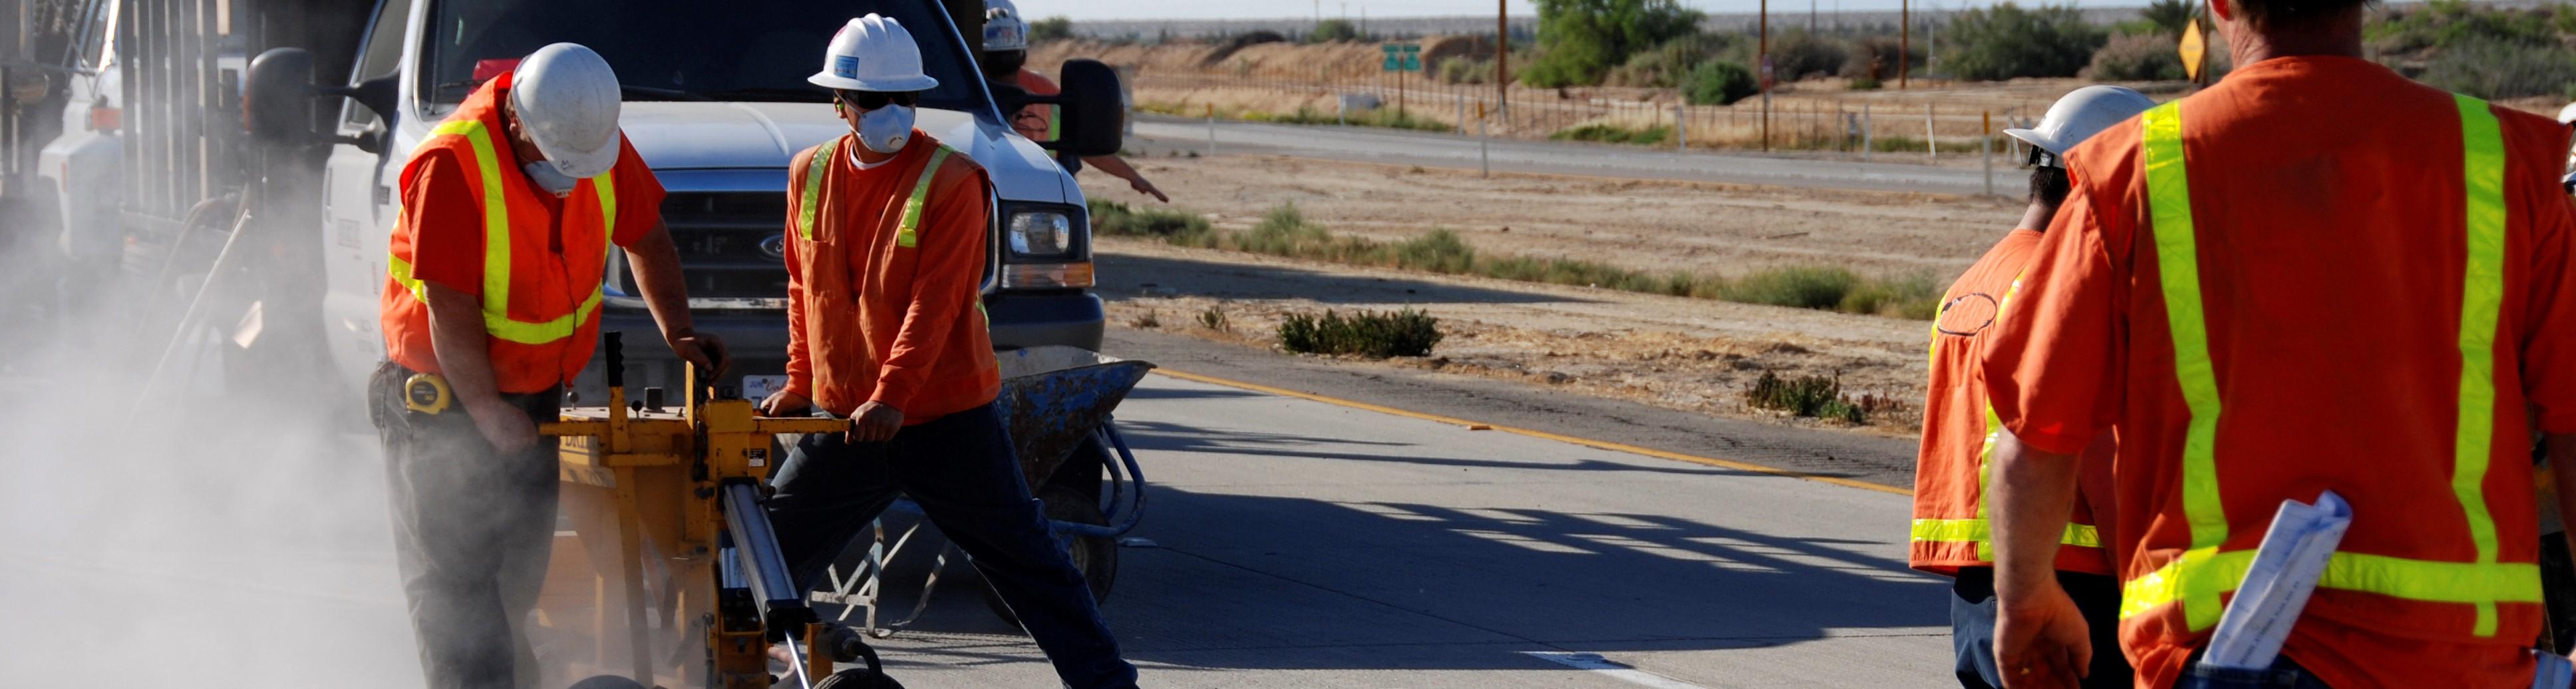 code 95 veilig werken langs de weg